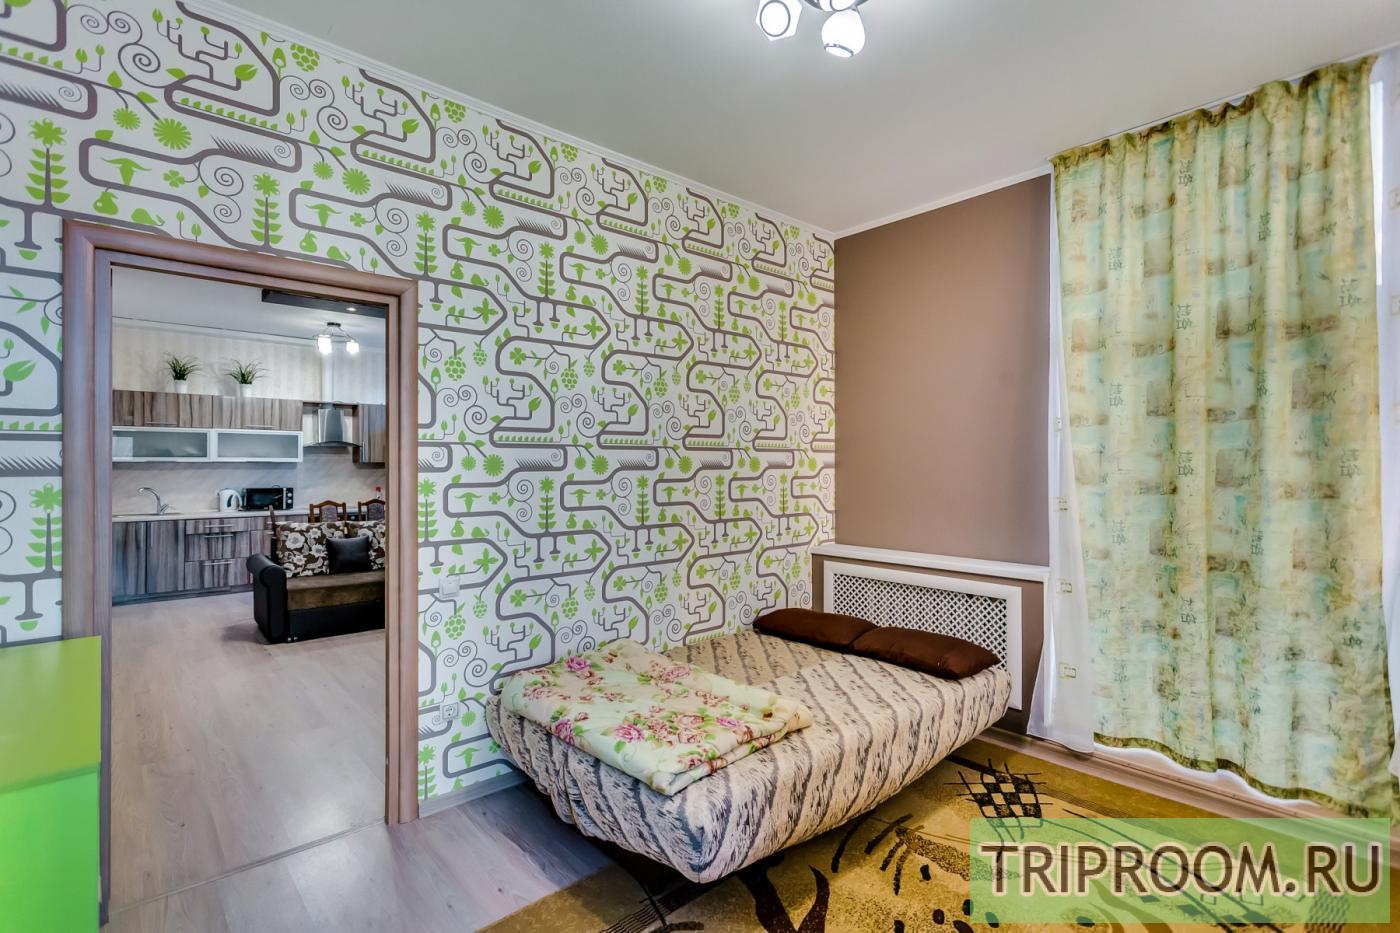 3-комнатная квартира посуточно (вариант № 23511), ул. Красноармейская улица, фото № 14